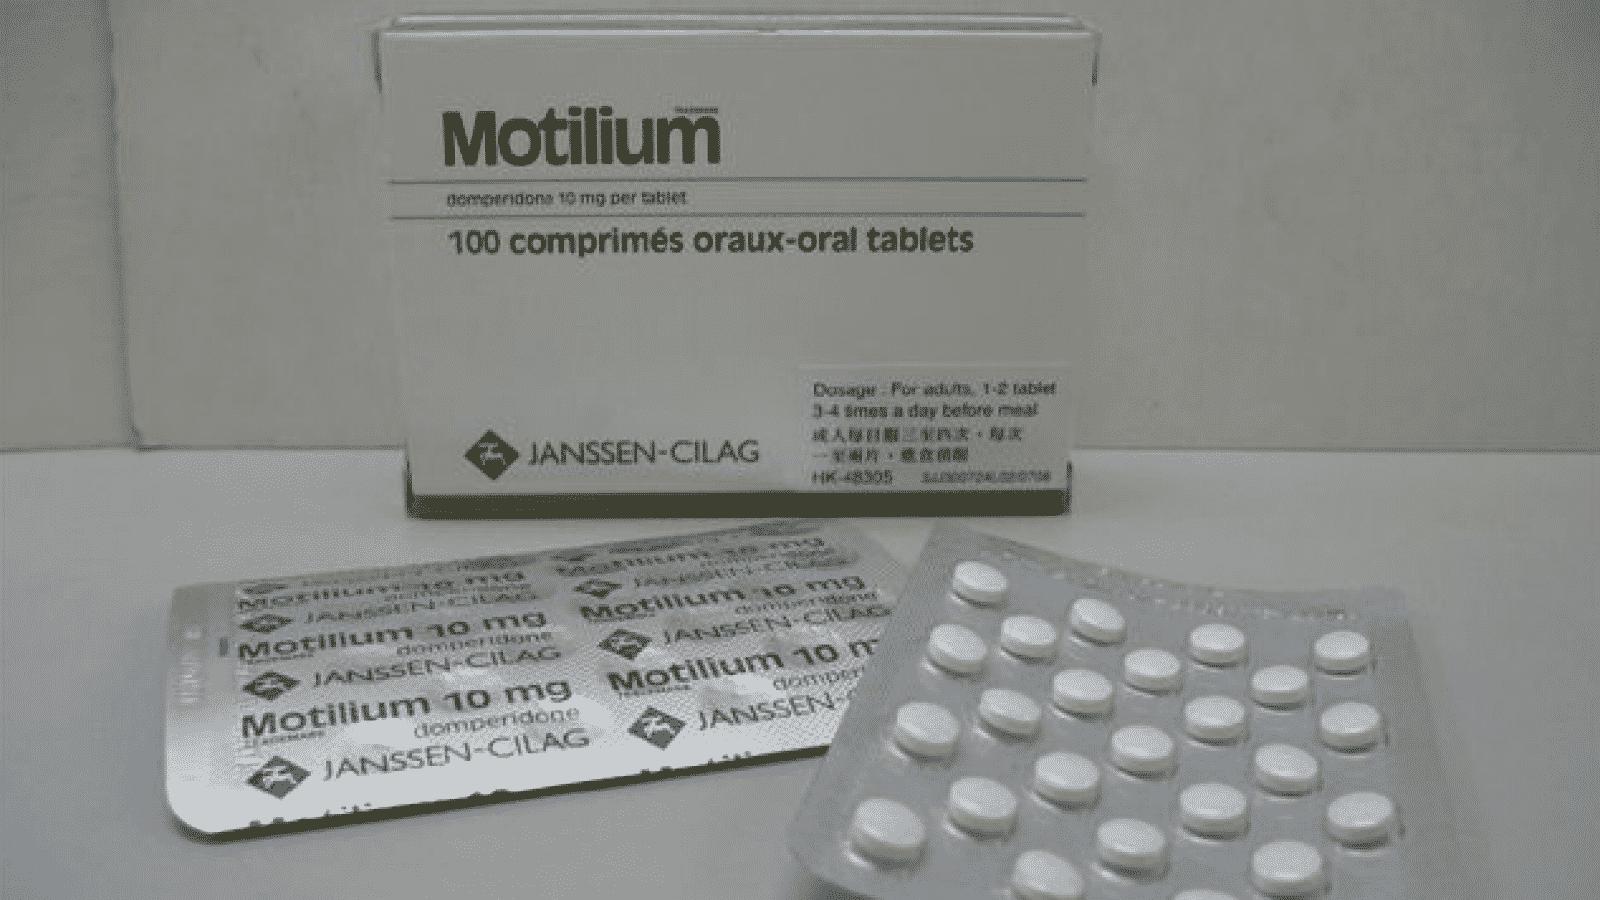 Motilium (Domperidone) Side Effects